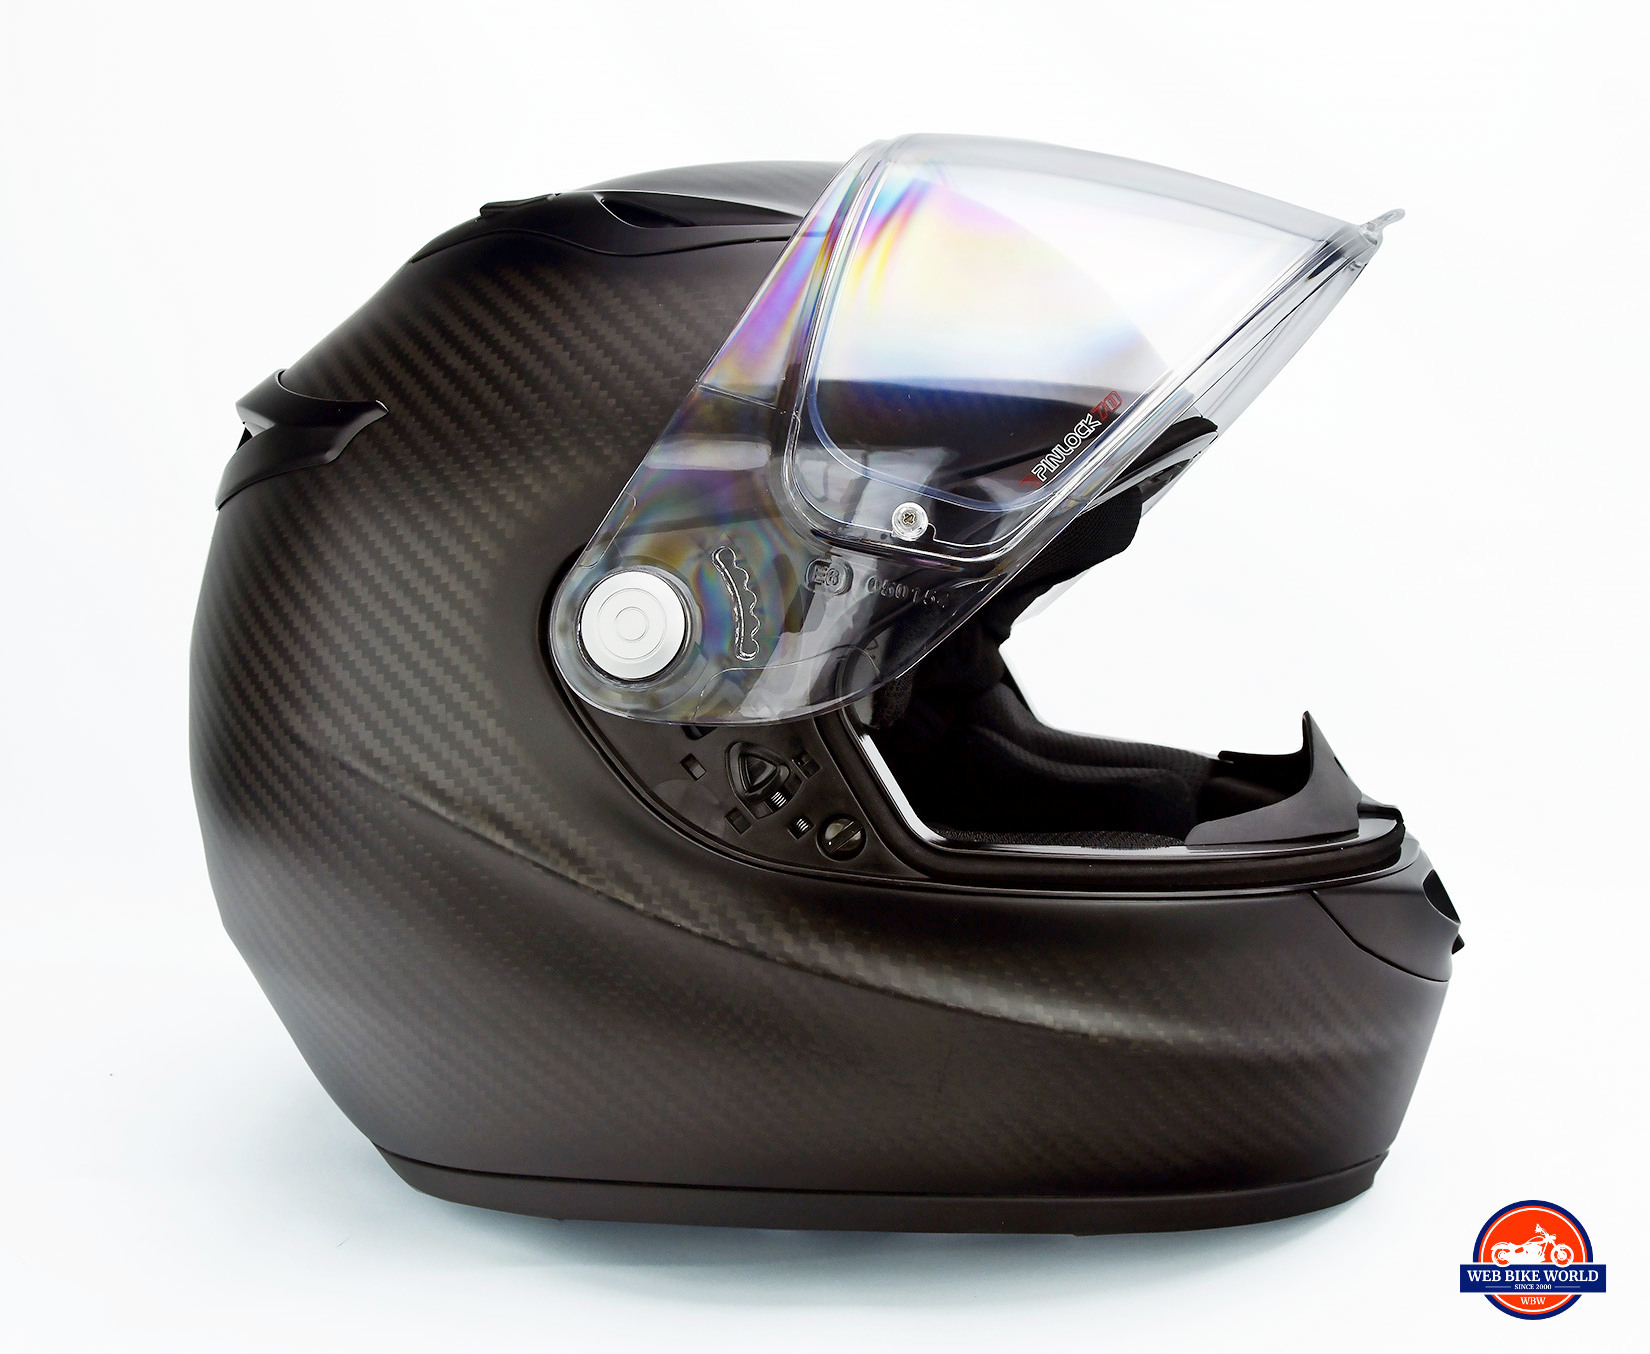 The Klim K1R helmet visor open.